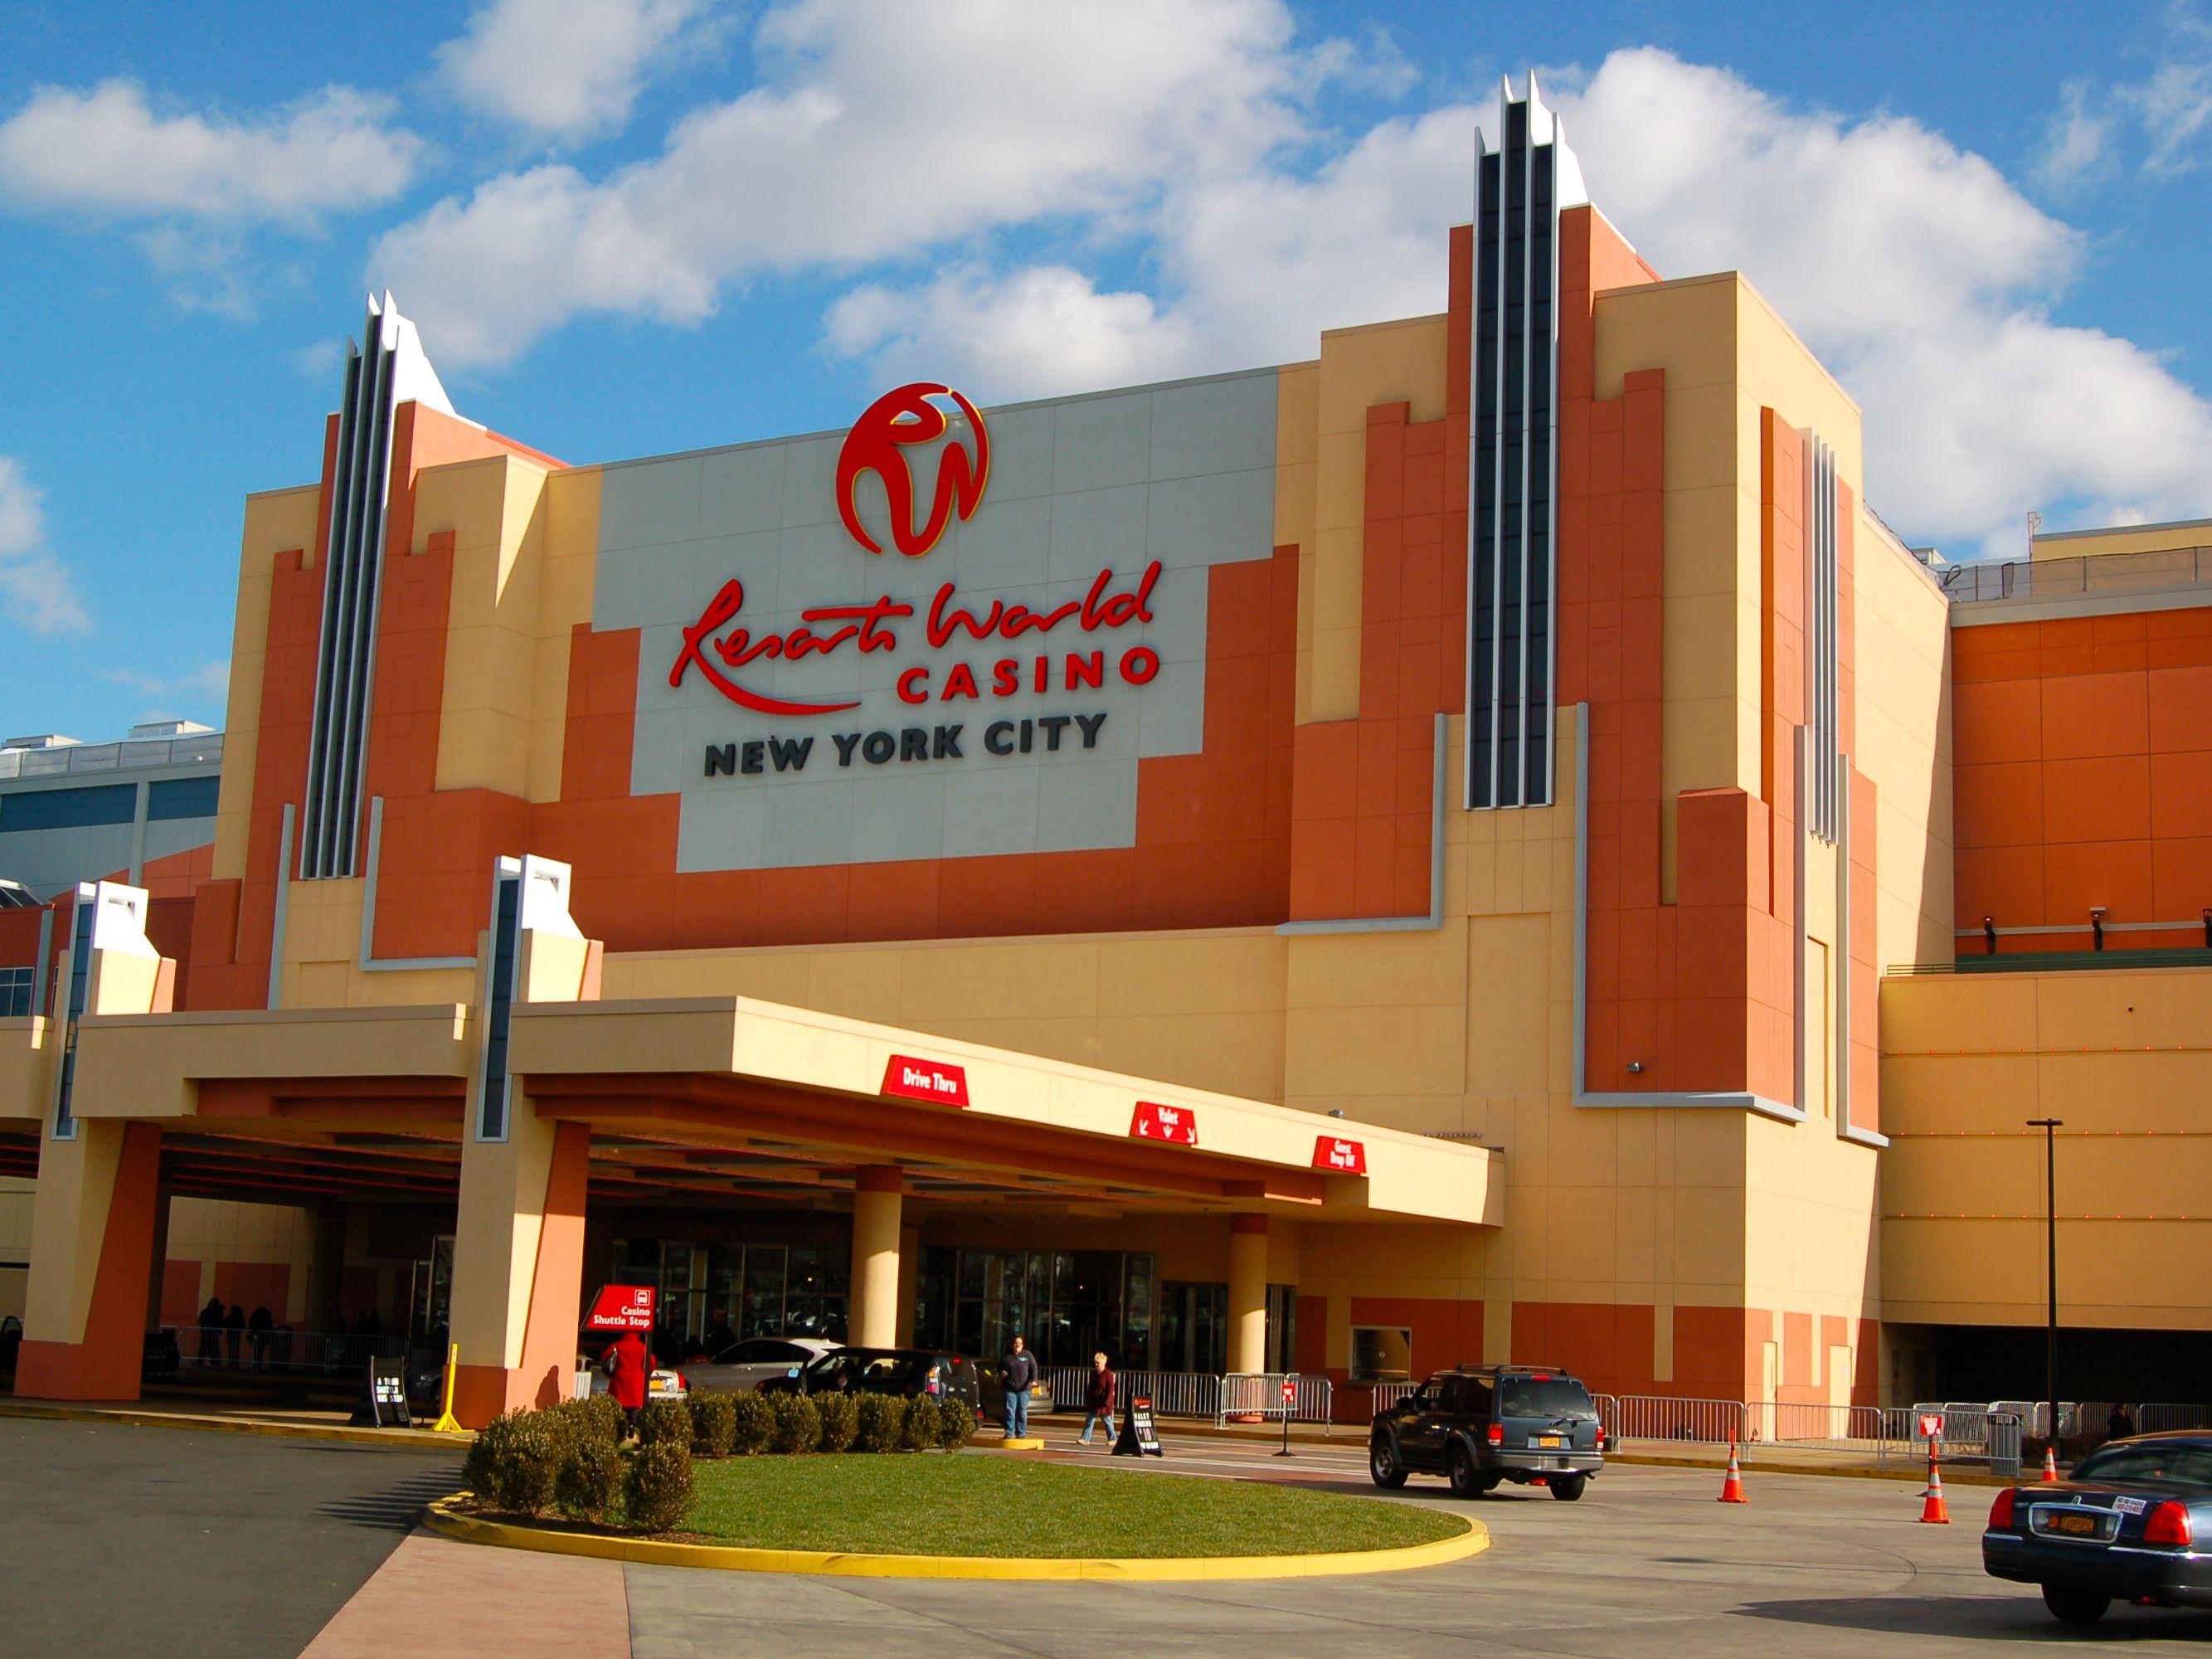 Top10 casino in new york image casino